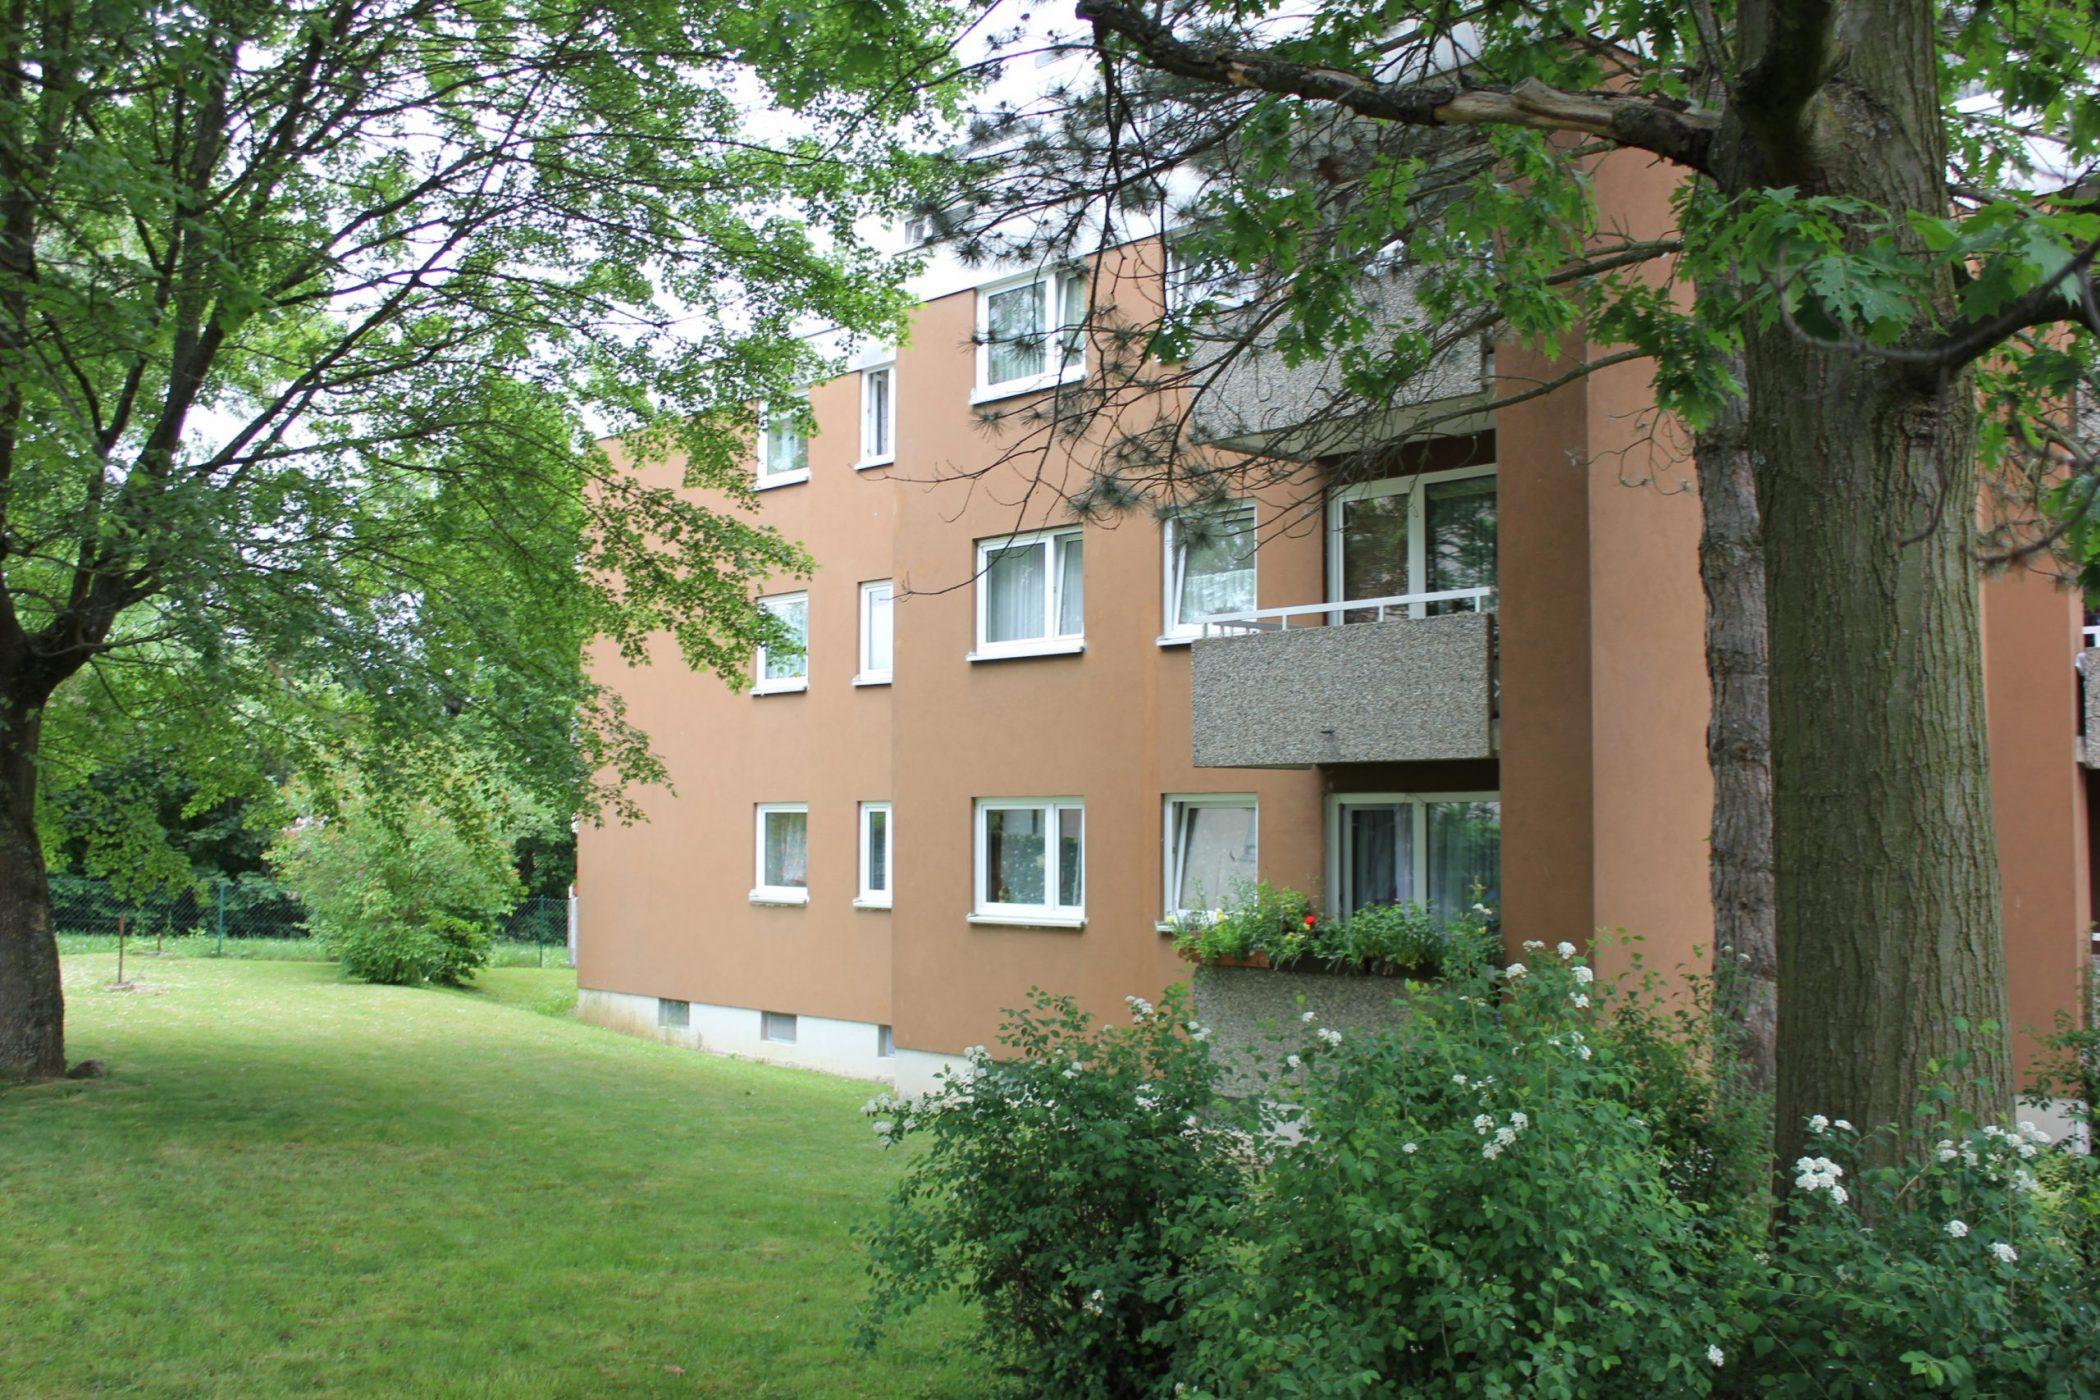 Mehrfamilienhaus im Altmühltal  *  14 Wohnungen in Weißenburg